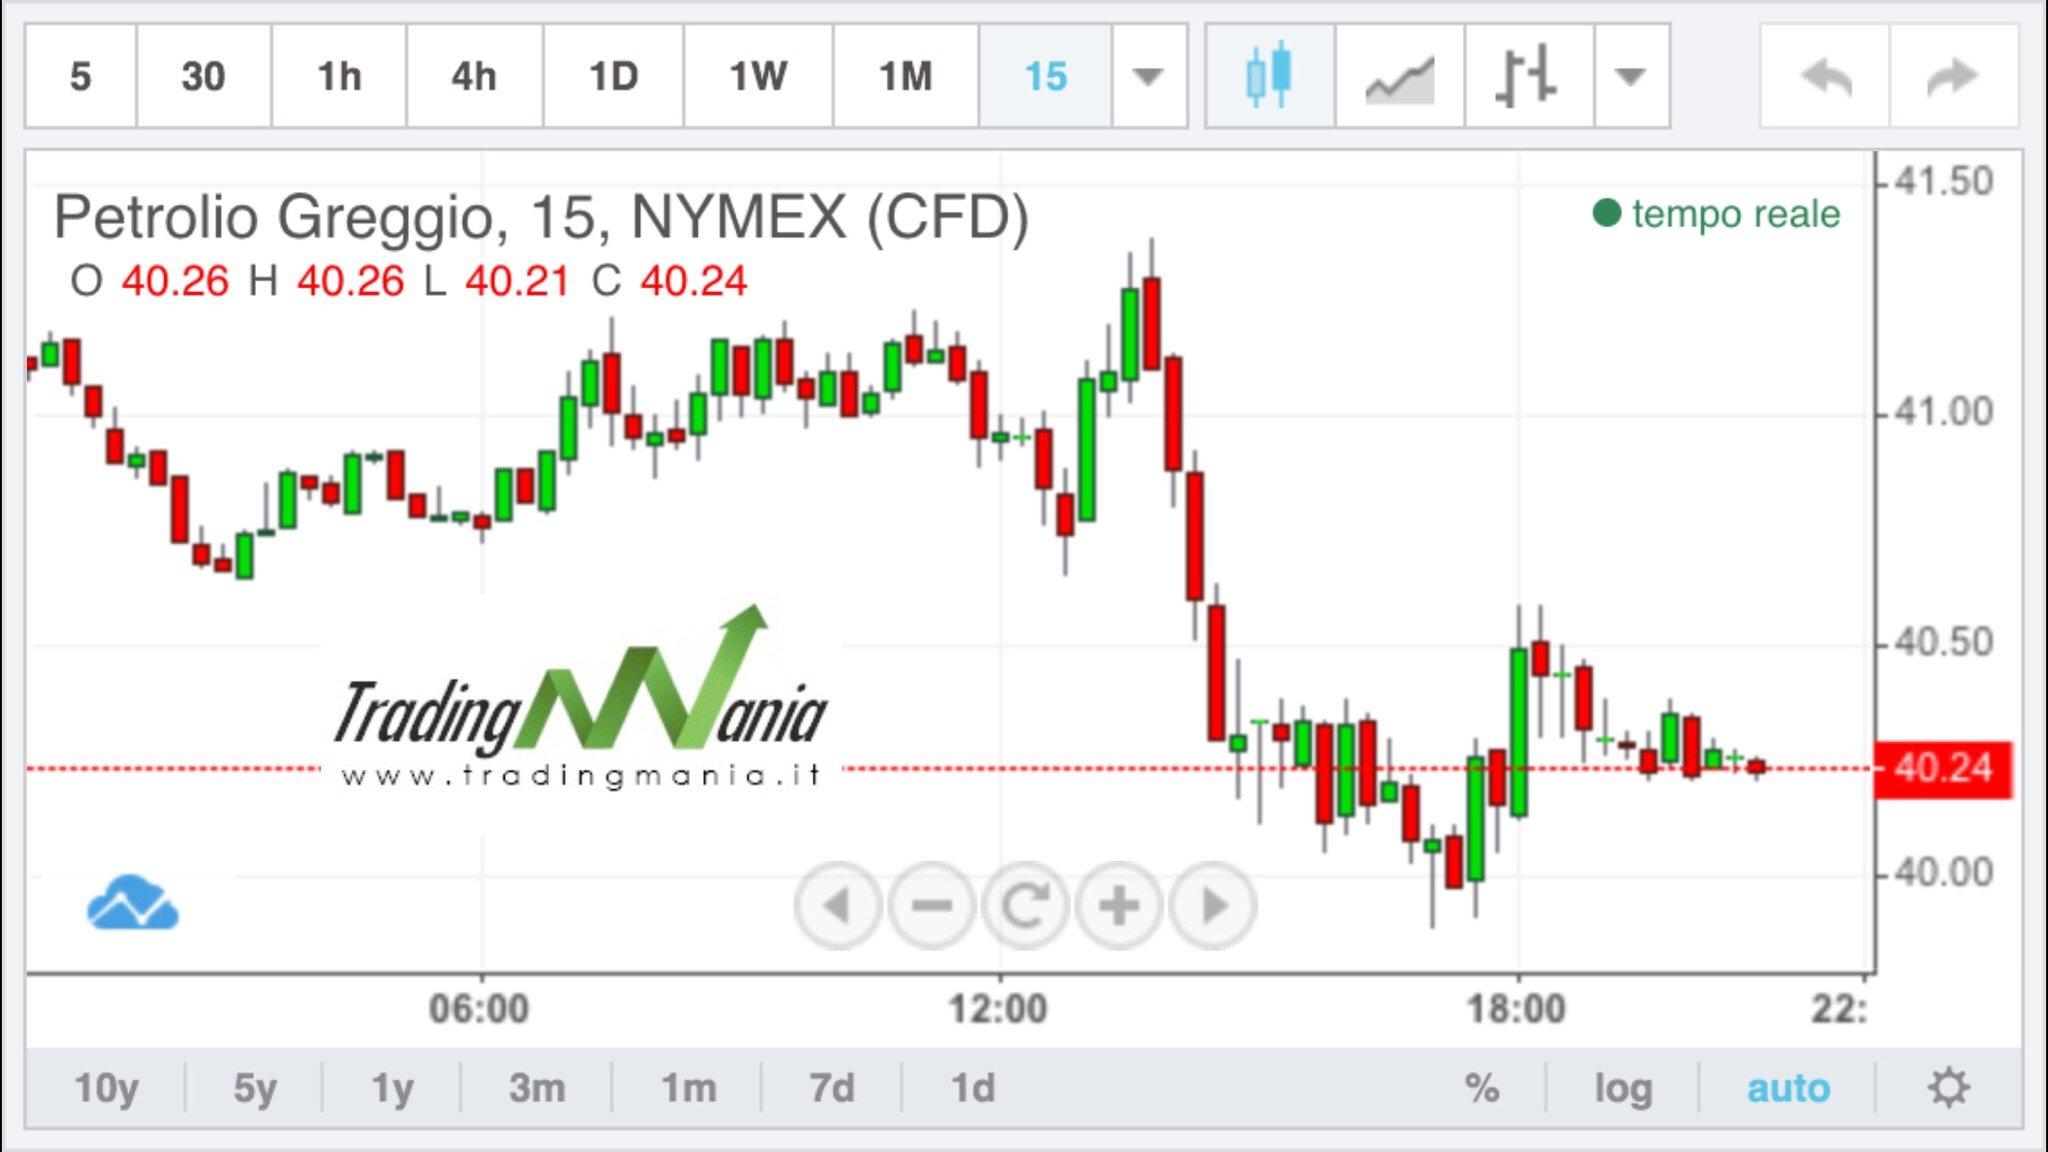 Le Opzioni Binarie: Questo Trading non s'ha da Fare